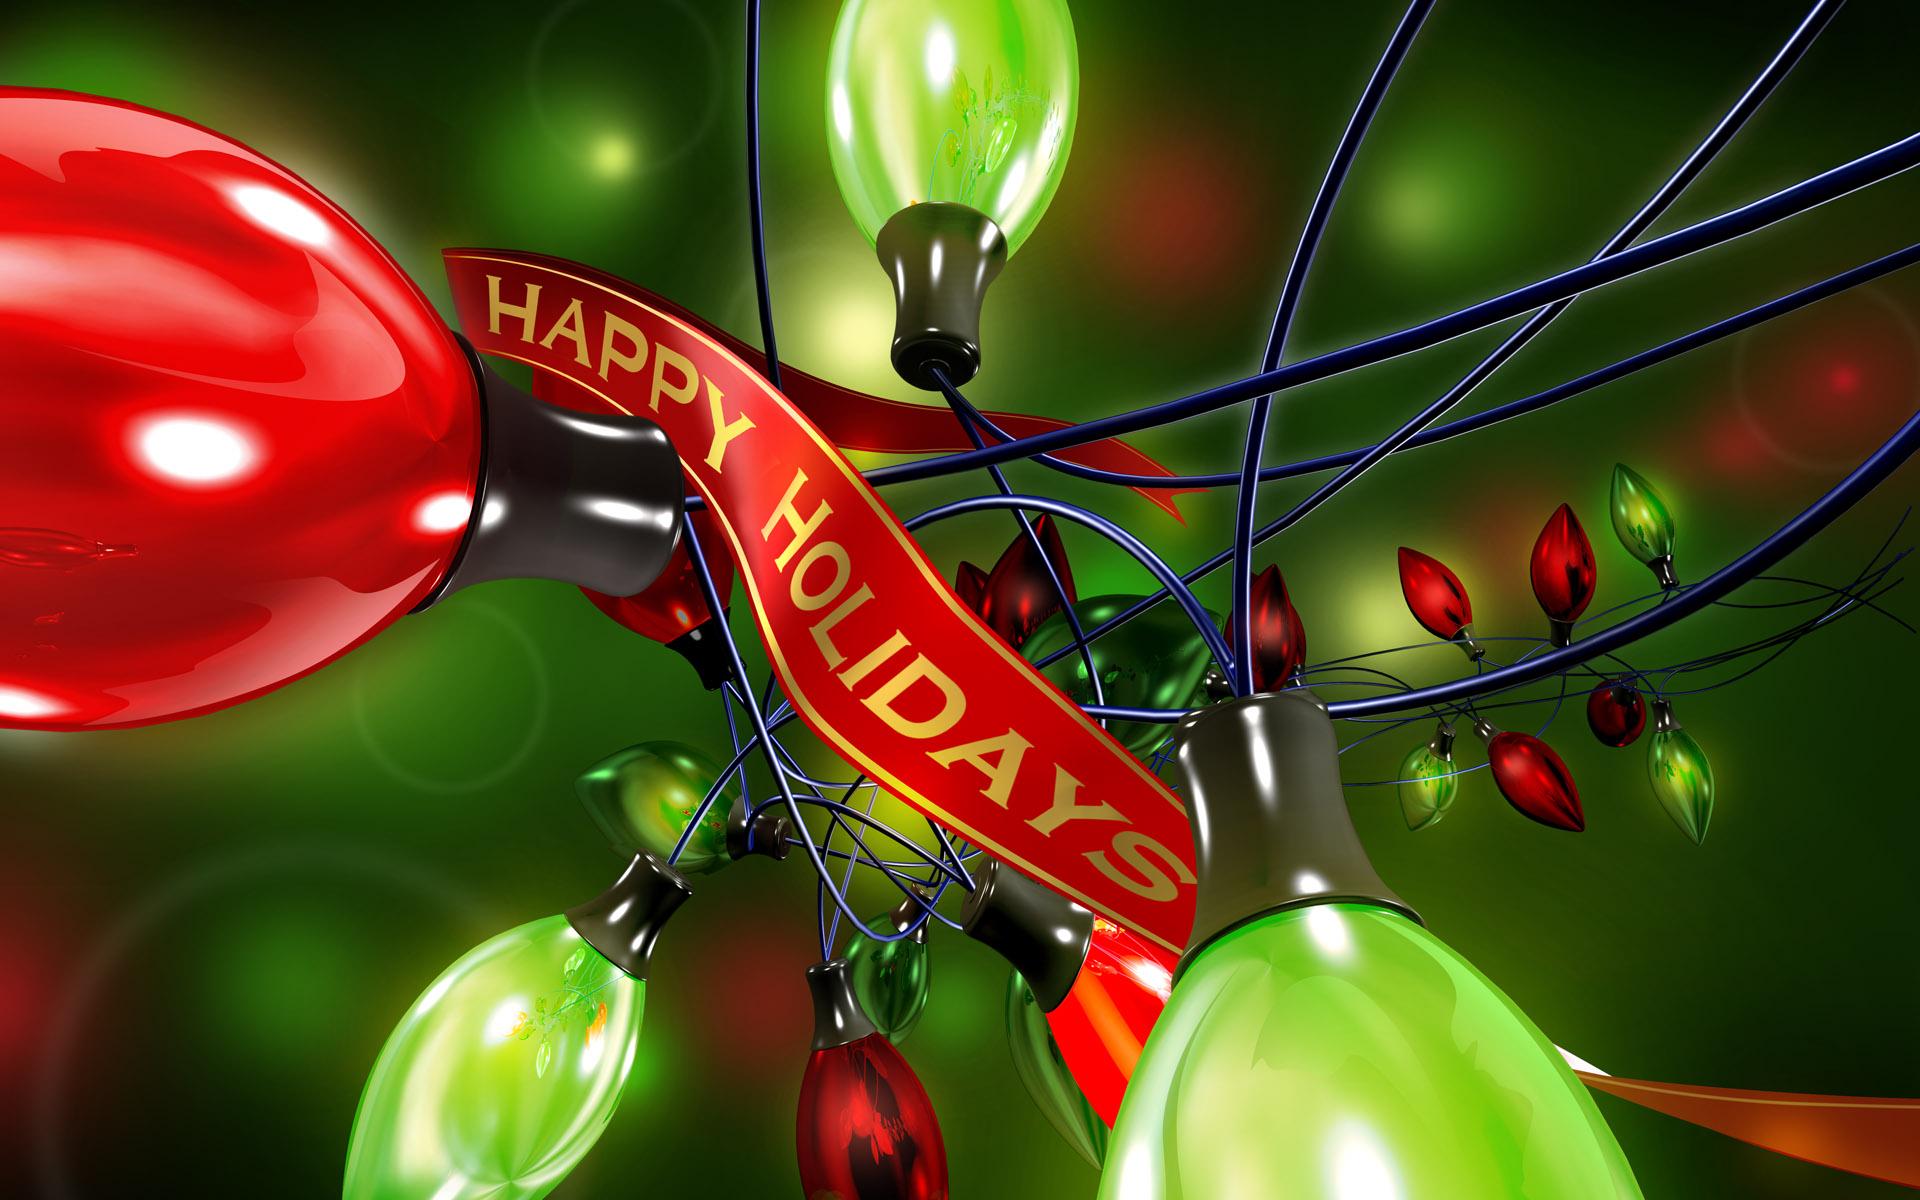 Happy Holidays Colourful Bulbs